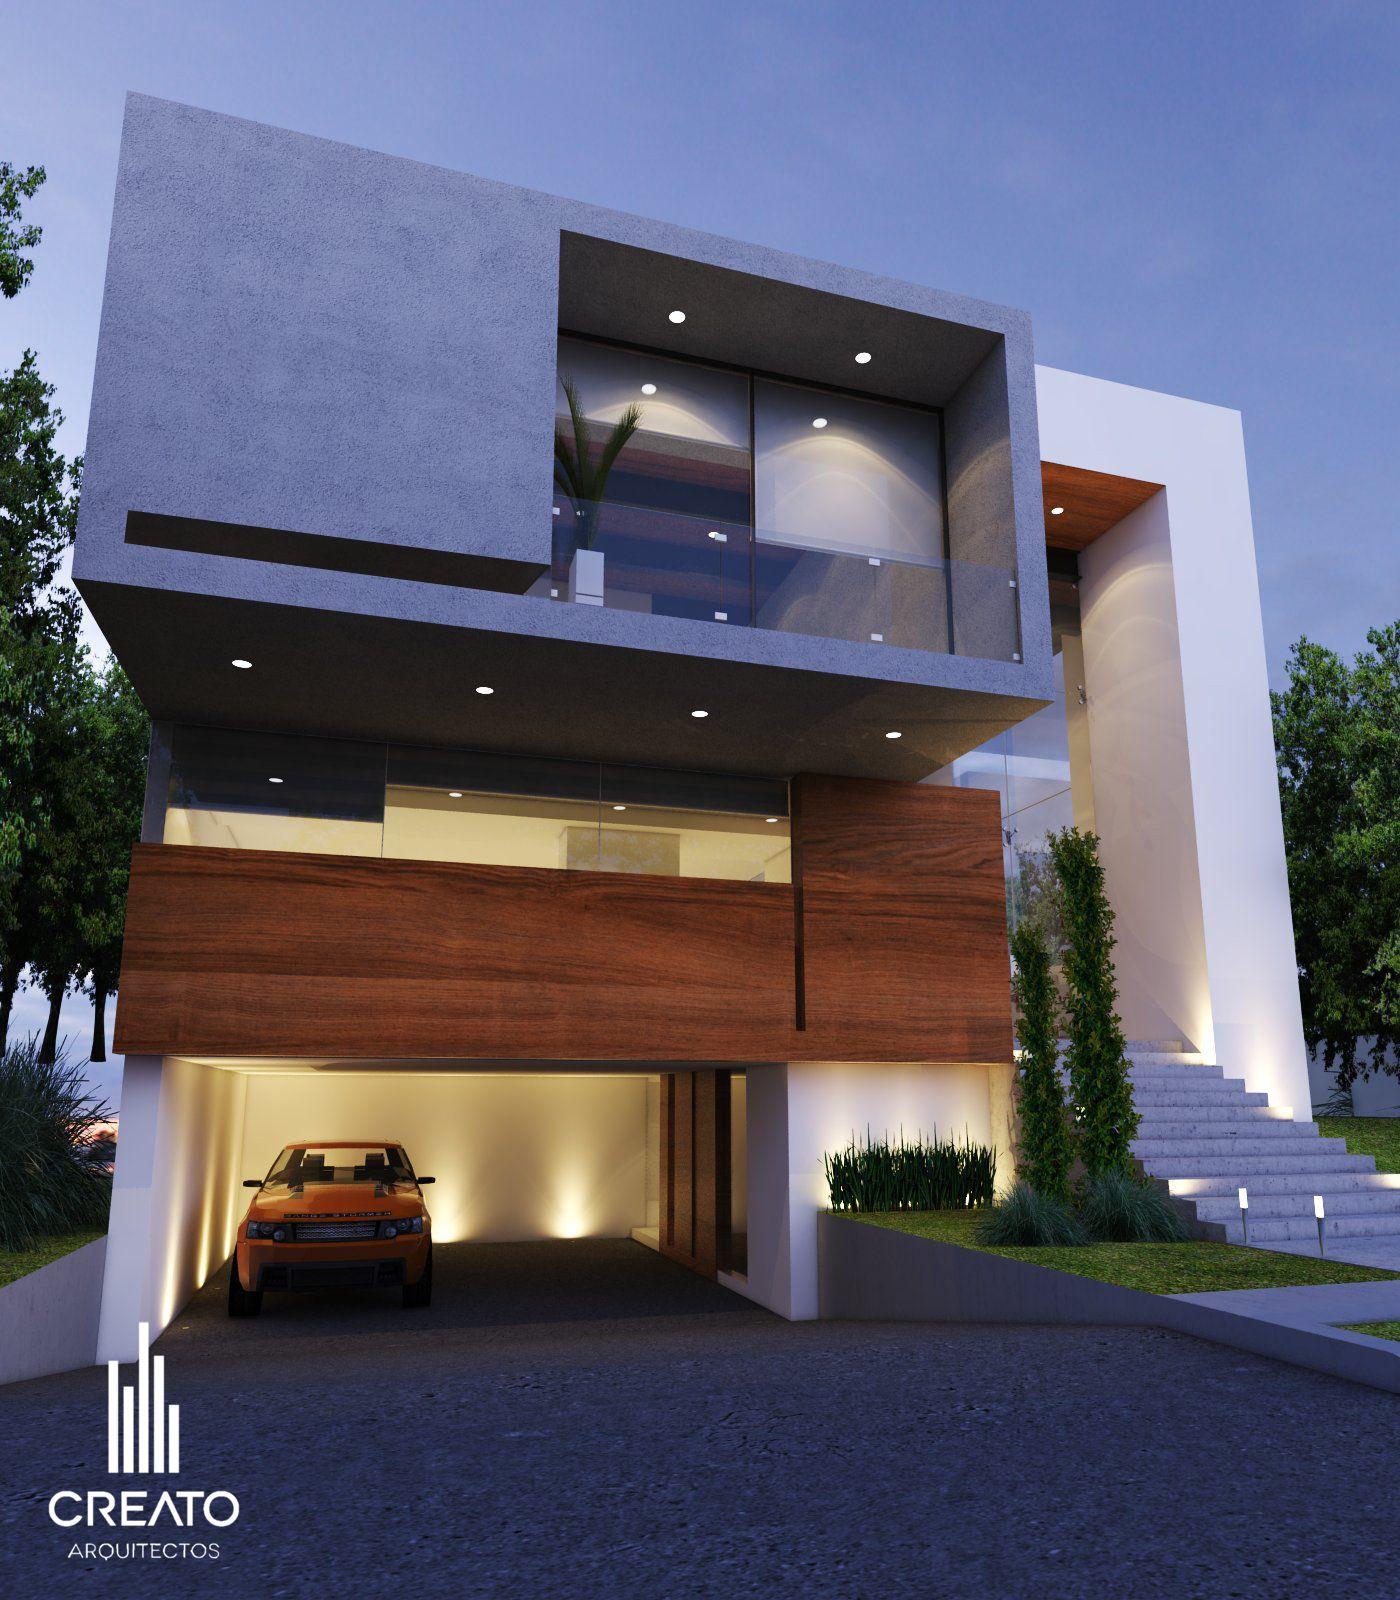 Casa campo lago por creato arquitectos salas casas for Arquitectura moderna minimalista